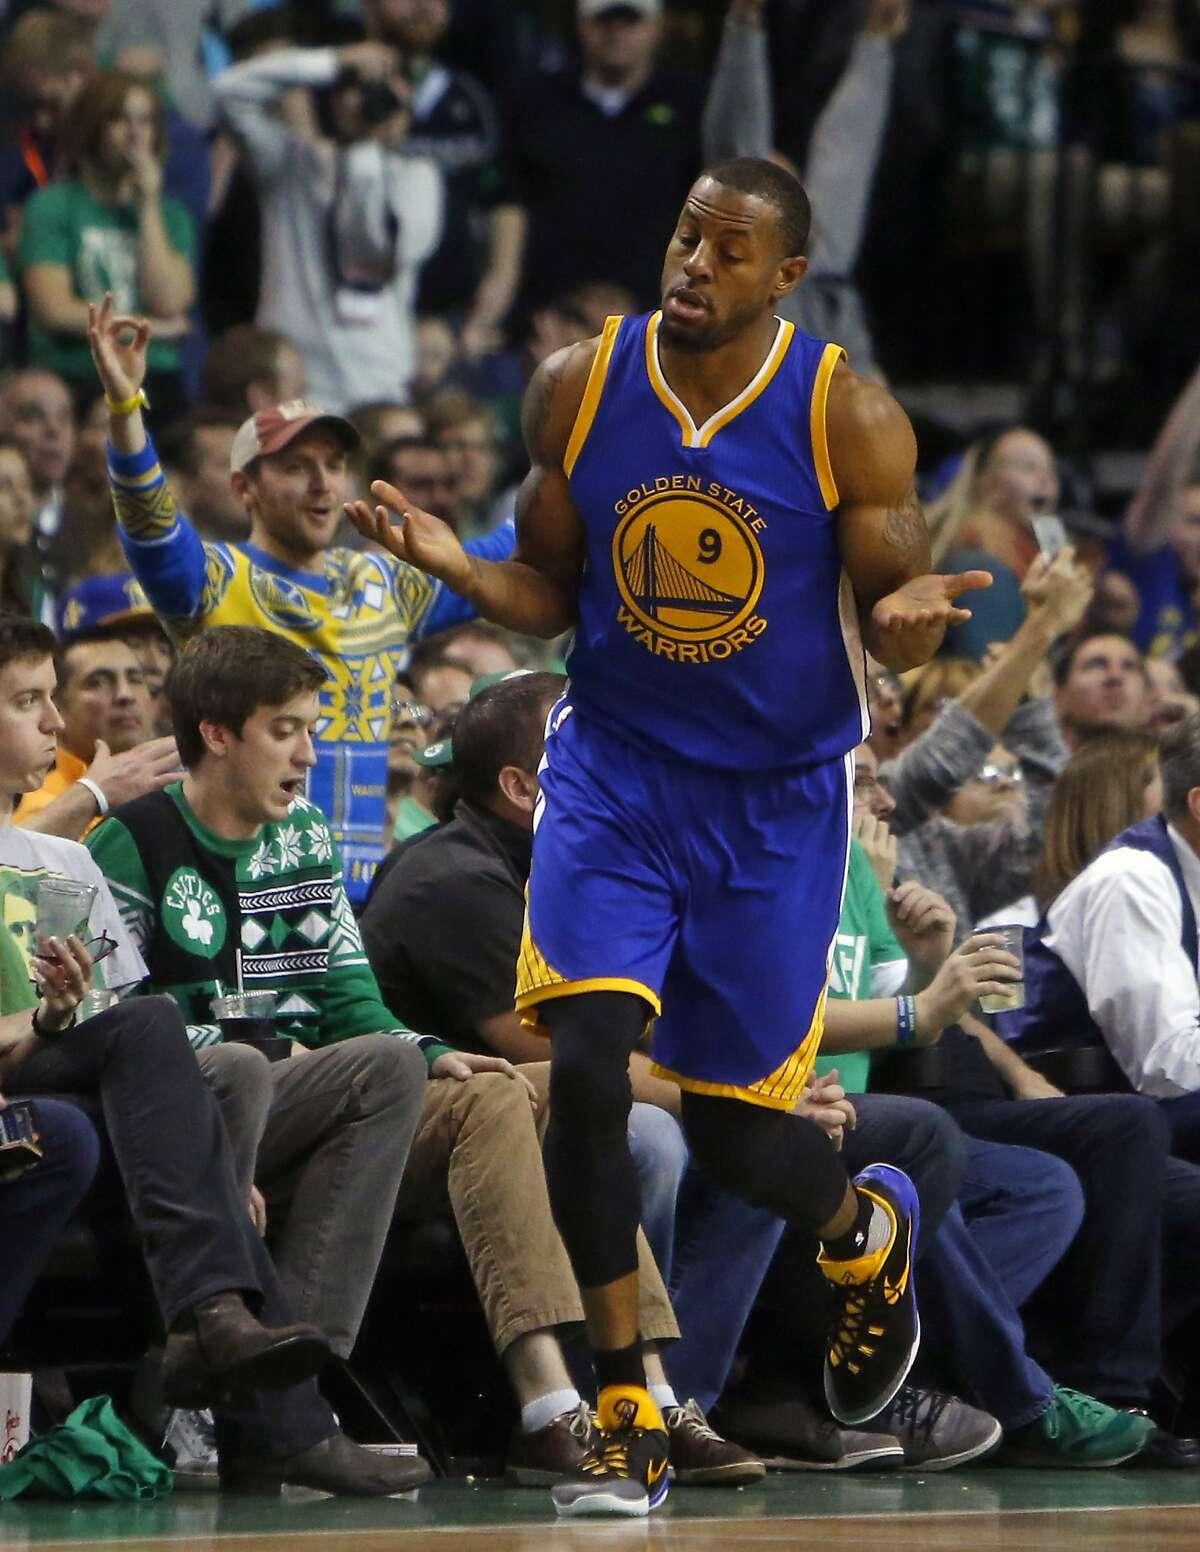 Golden State Warriors' Andre Iguodala celebrtes 3-pointer in 1st overtime of Warriors 124-119 double overtime win over Boston Celtics in NBA game at TD Garden in Boston, Massachusetts on Friday, December 11, 2015.